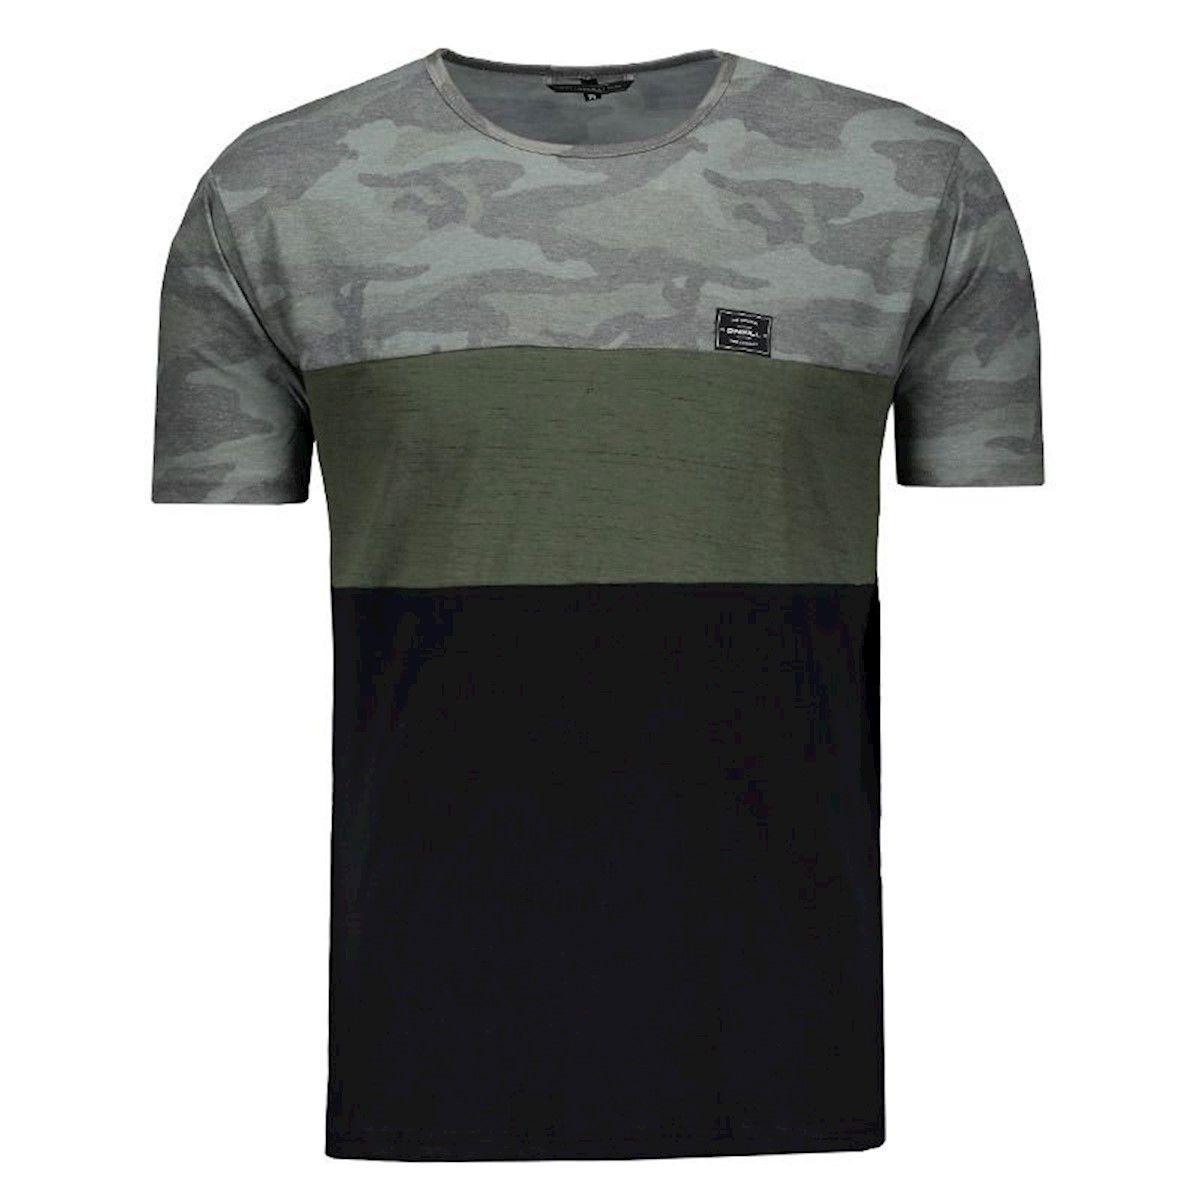 Camiseta O'Neill  Especial Yardage